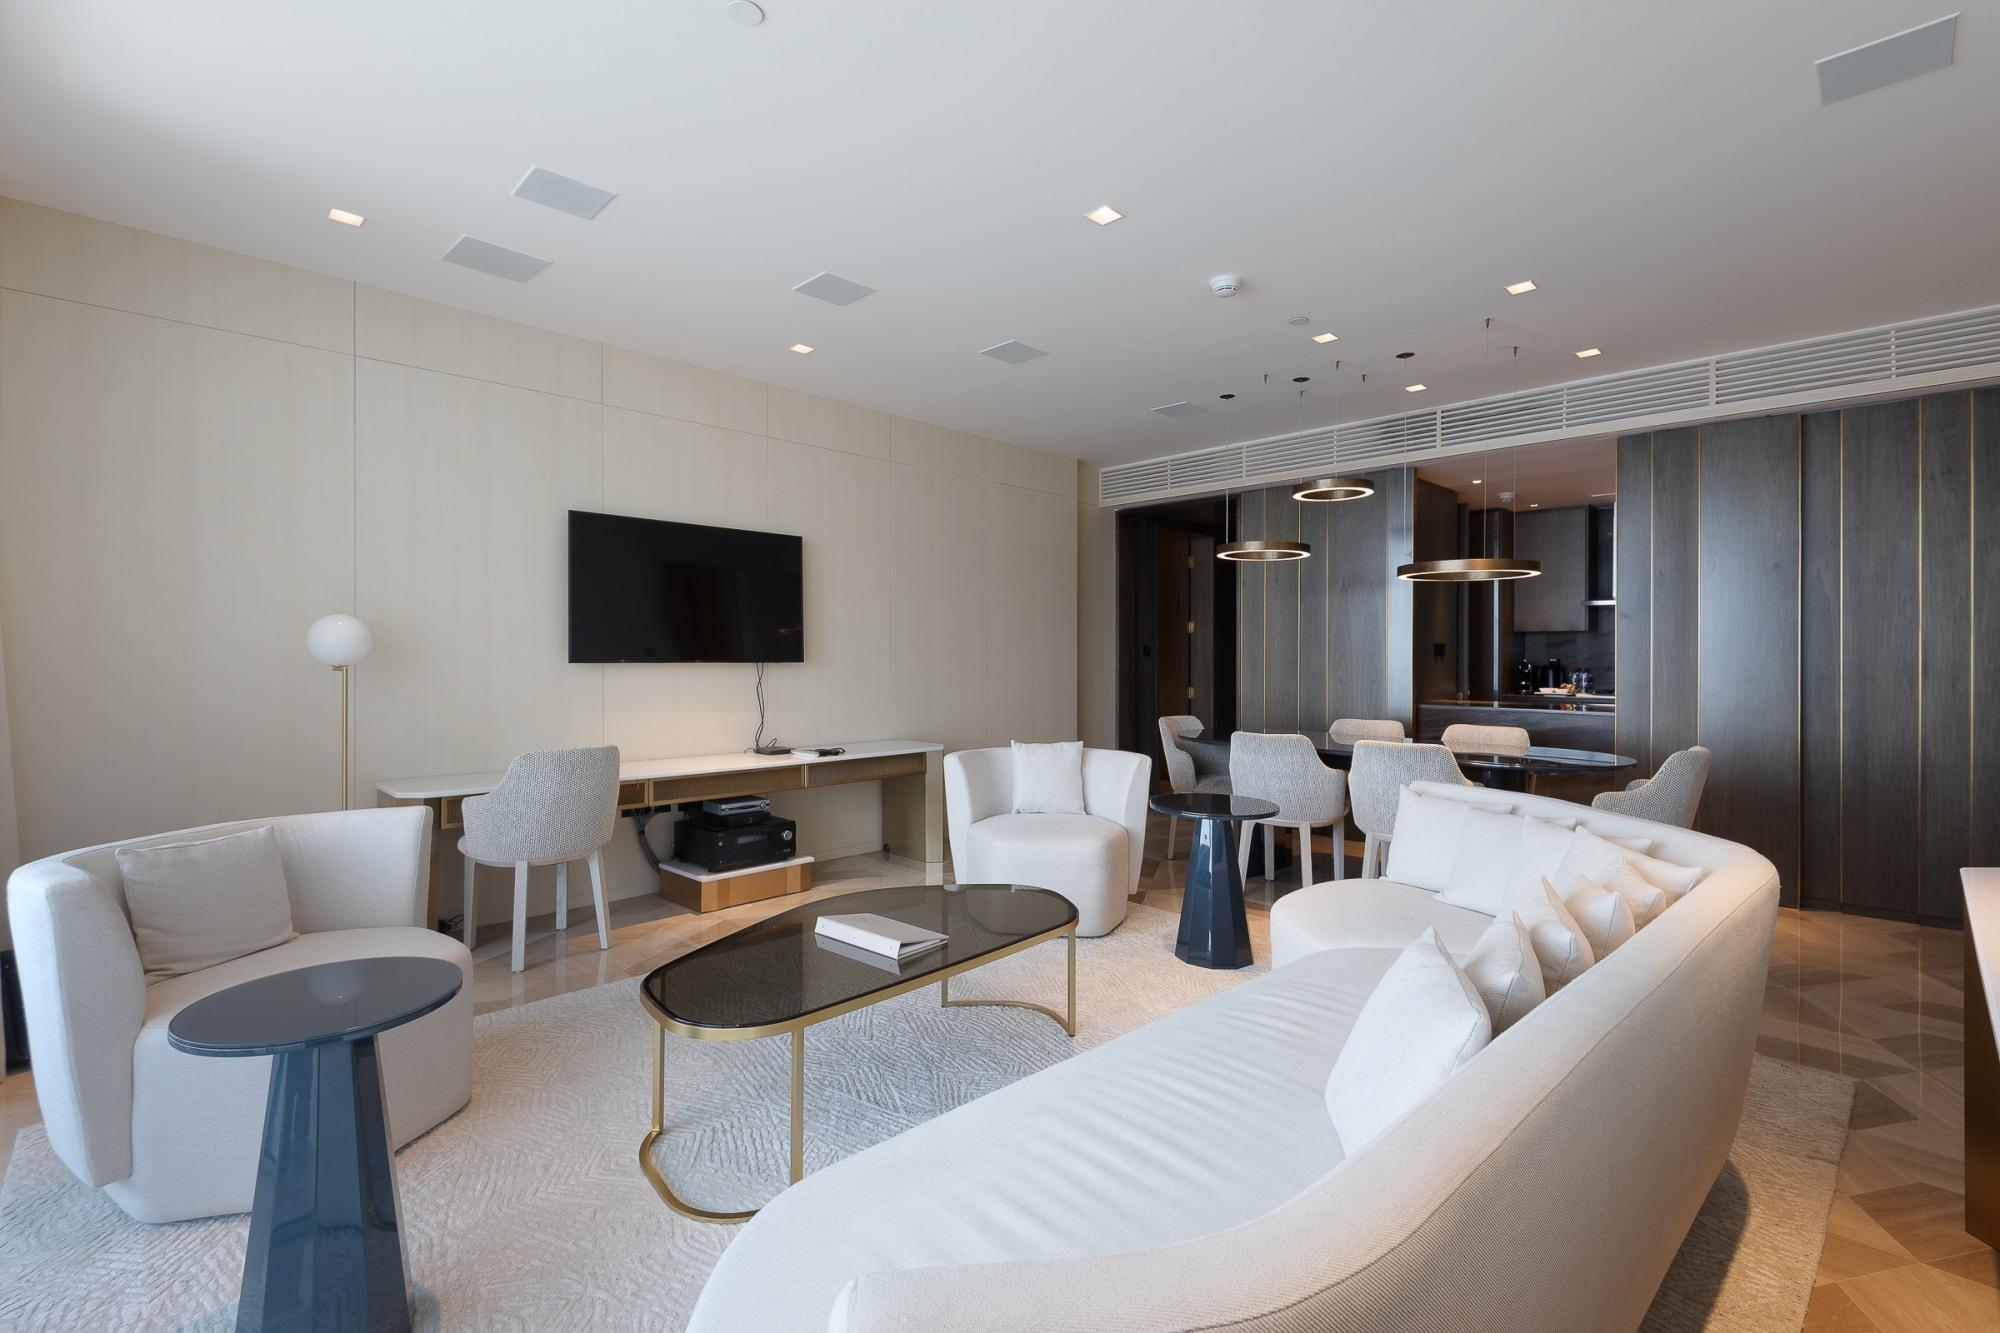 Luxury Lifestyle - Beautiful Layout - Spacious